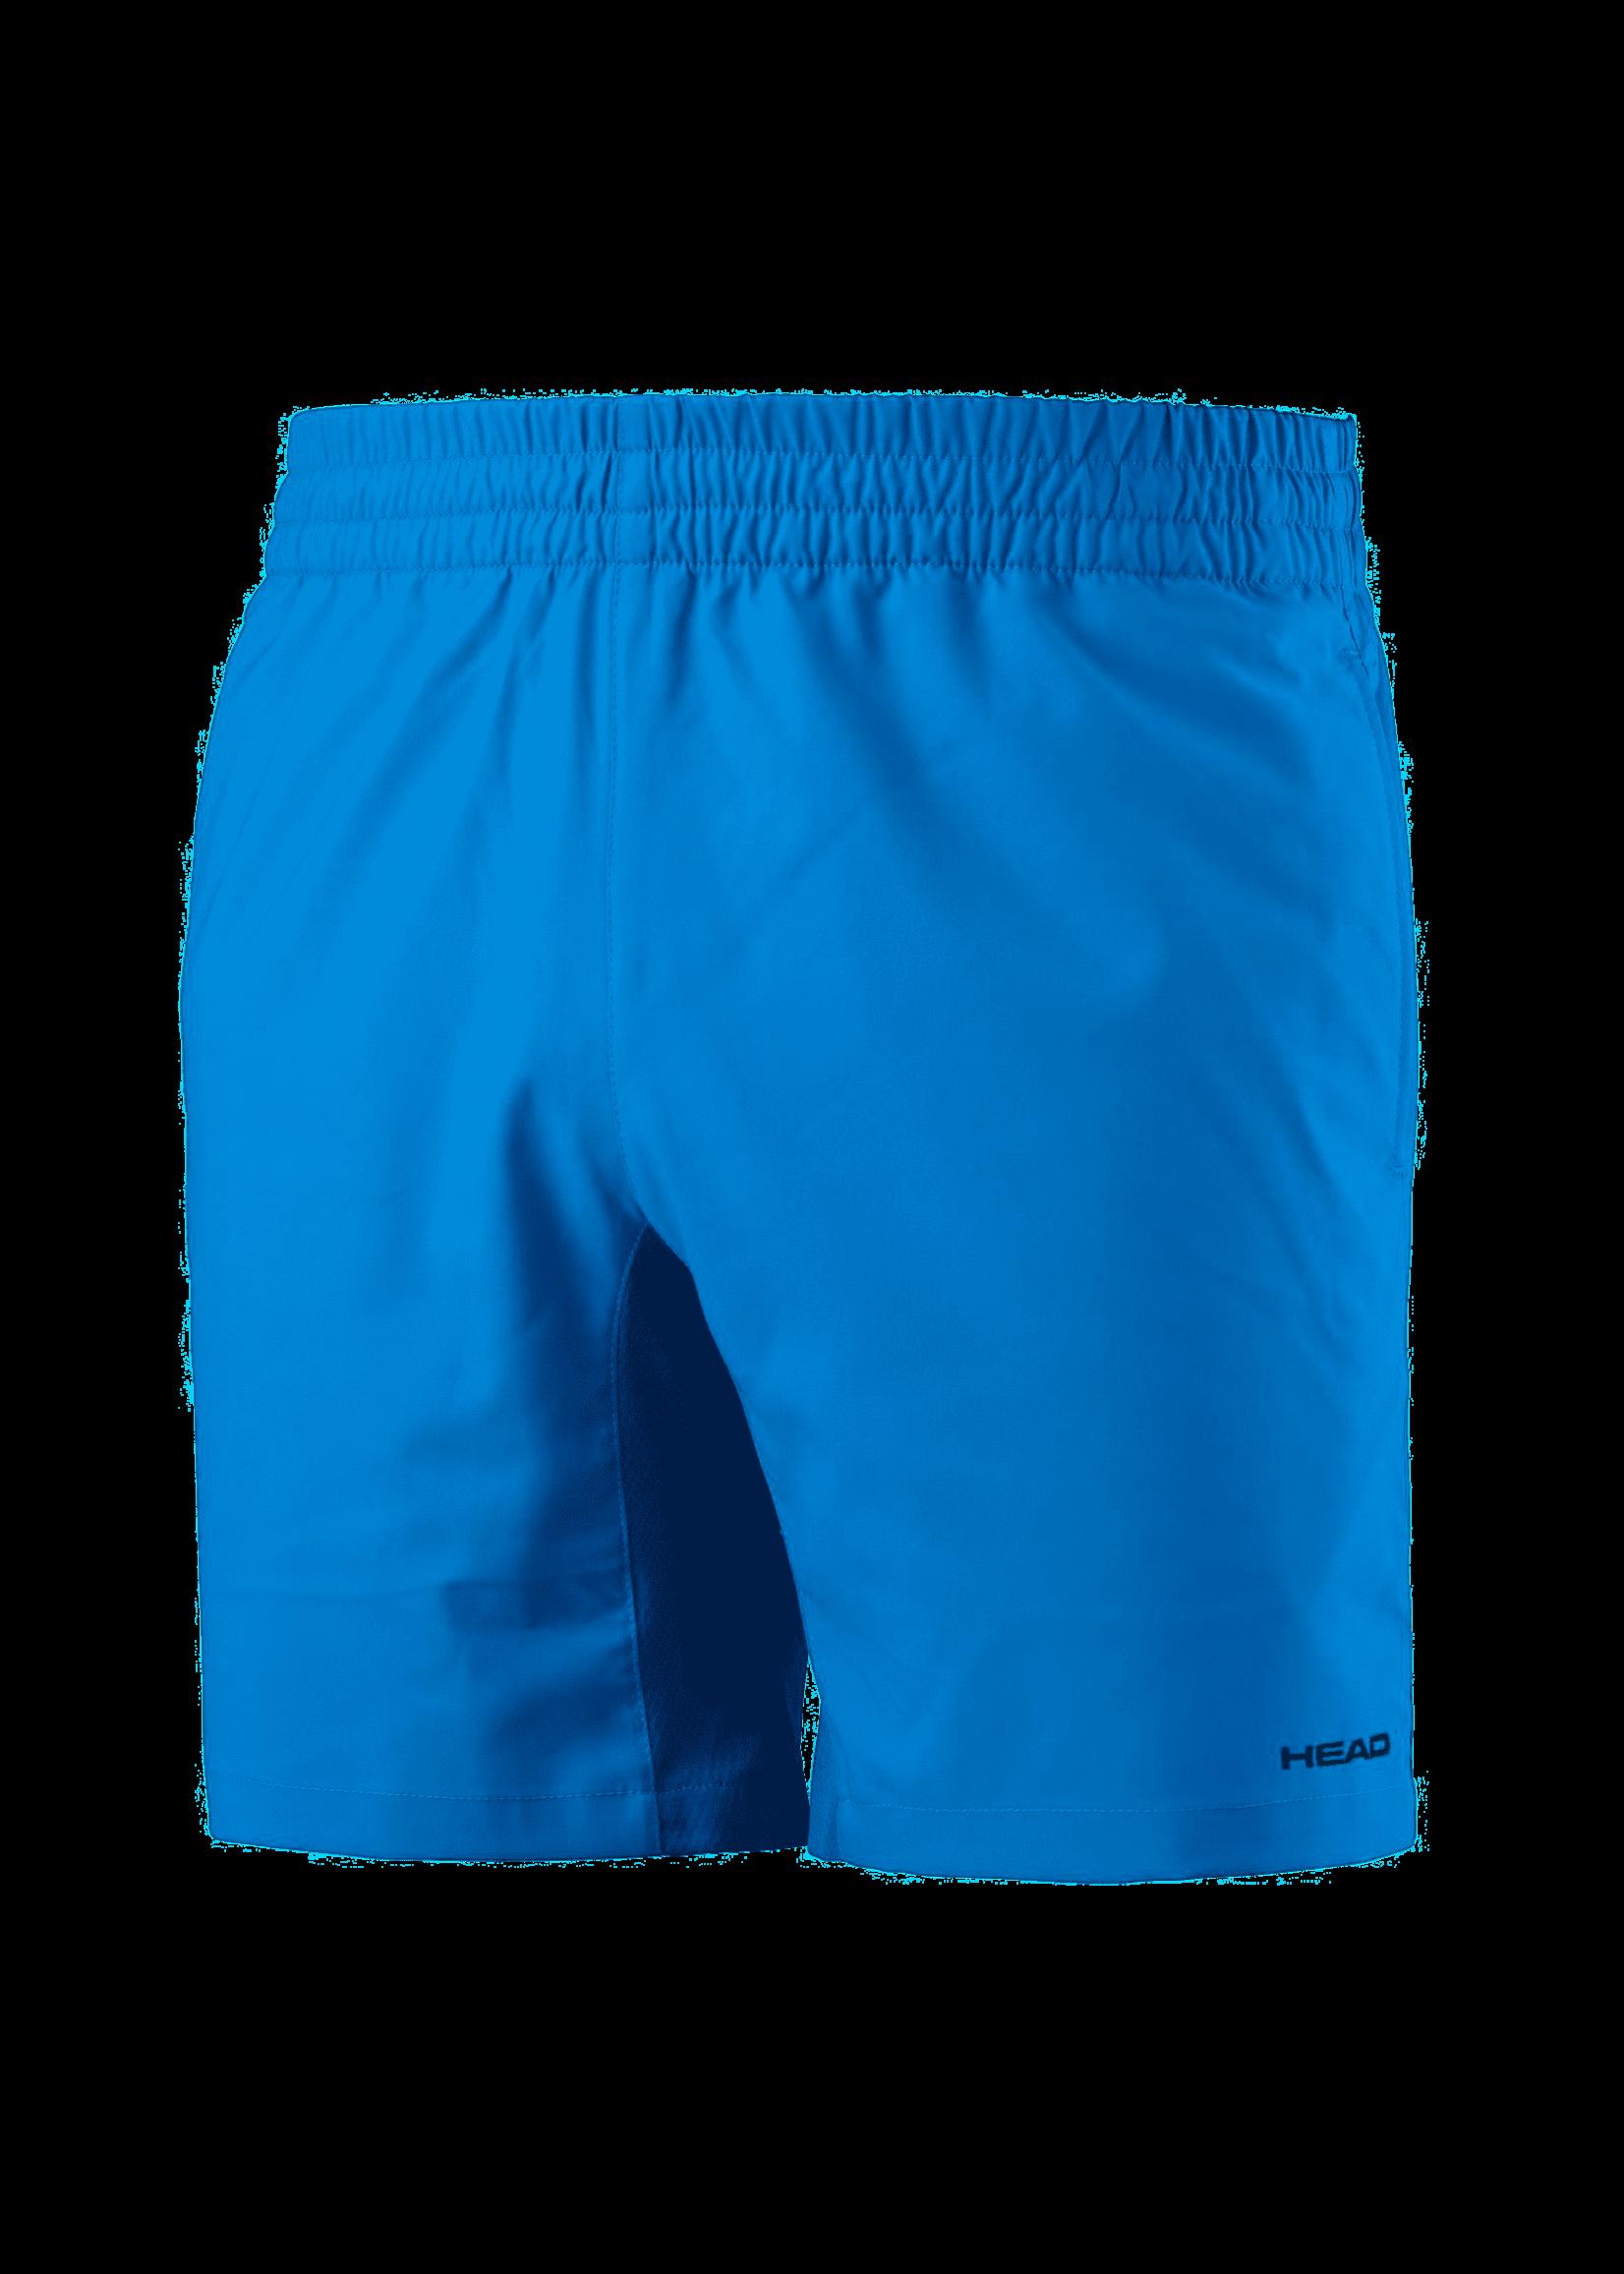 Head Head Club Mens Shorts (2019)